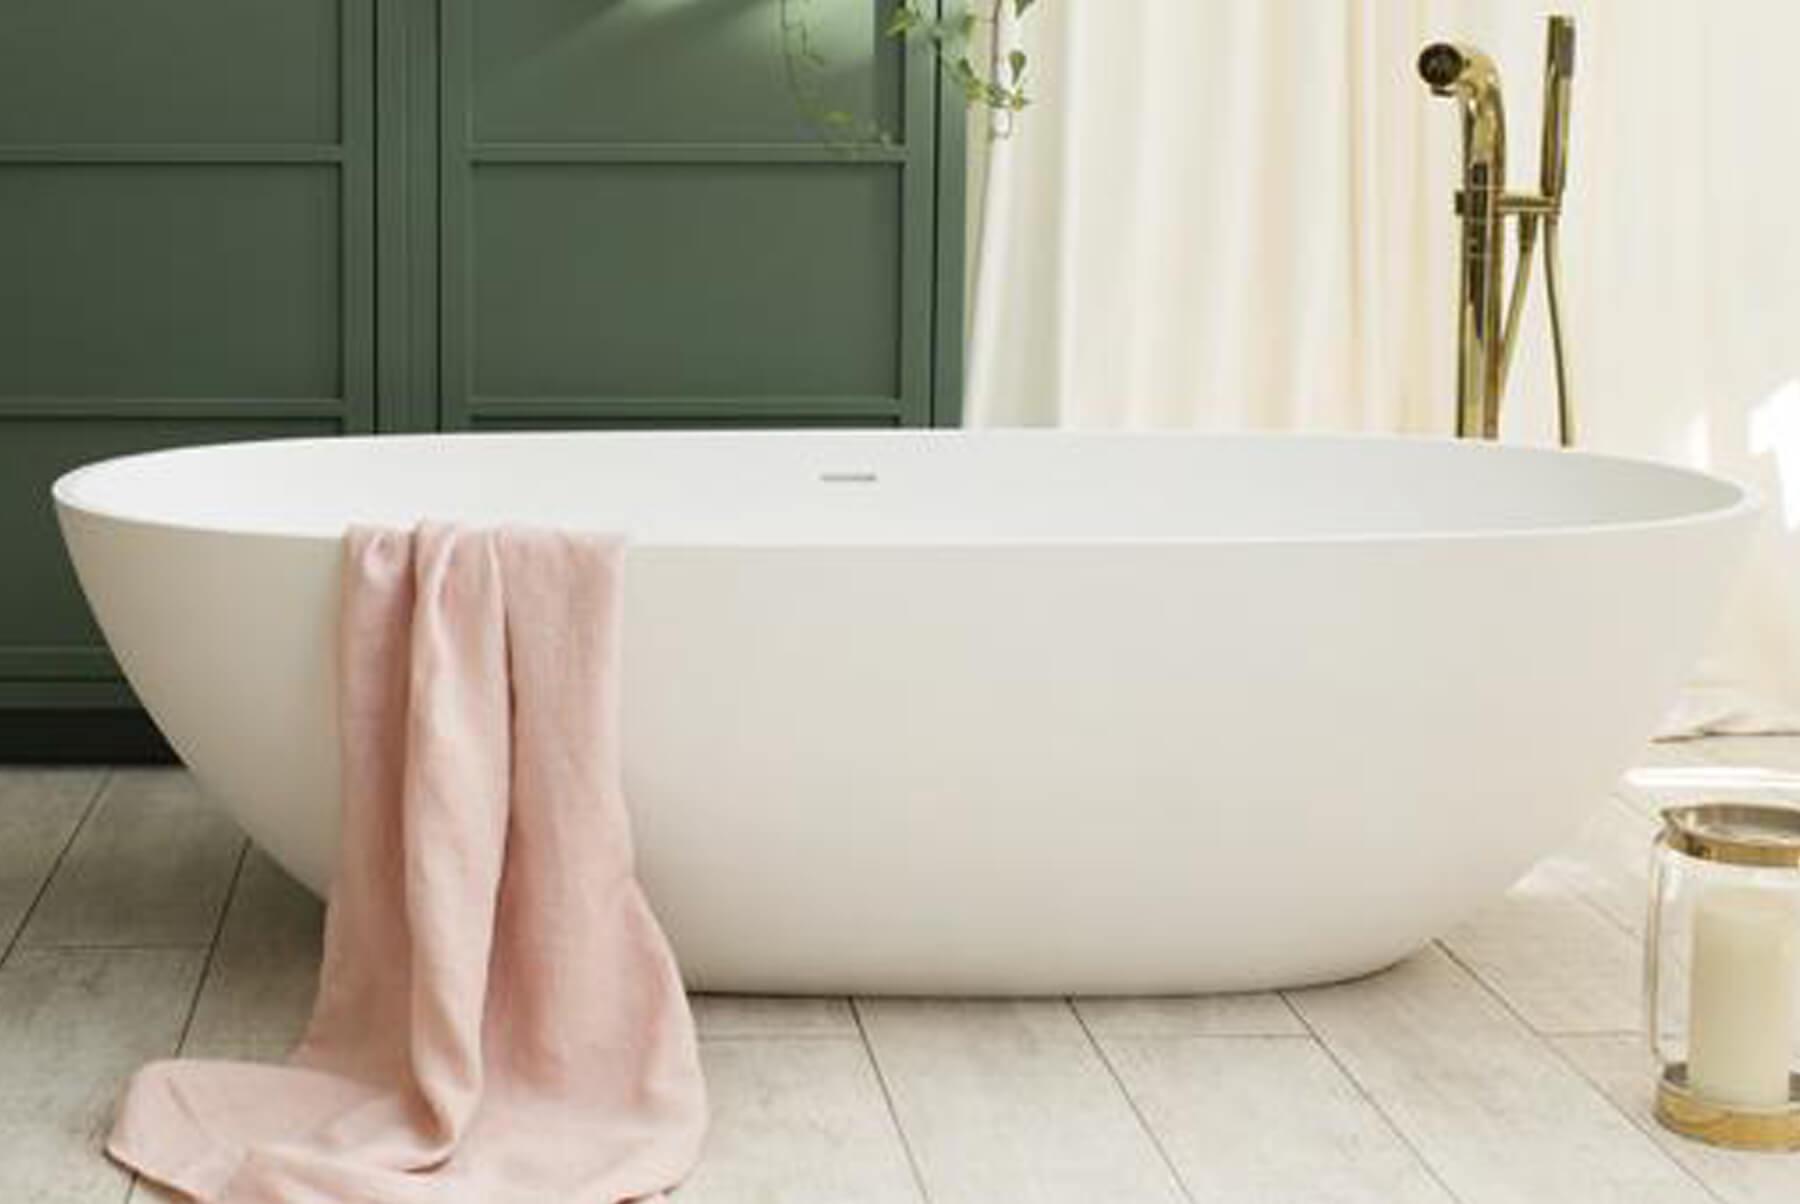 Bath-Tubs-WATERS-CLOUD-BATH-TUB-LIFESTYLE-SIDE-1800x1204